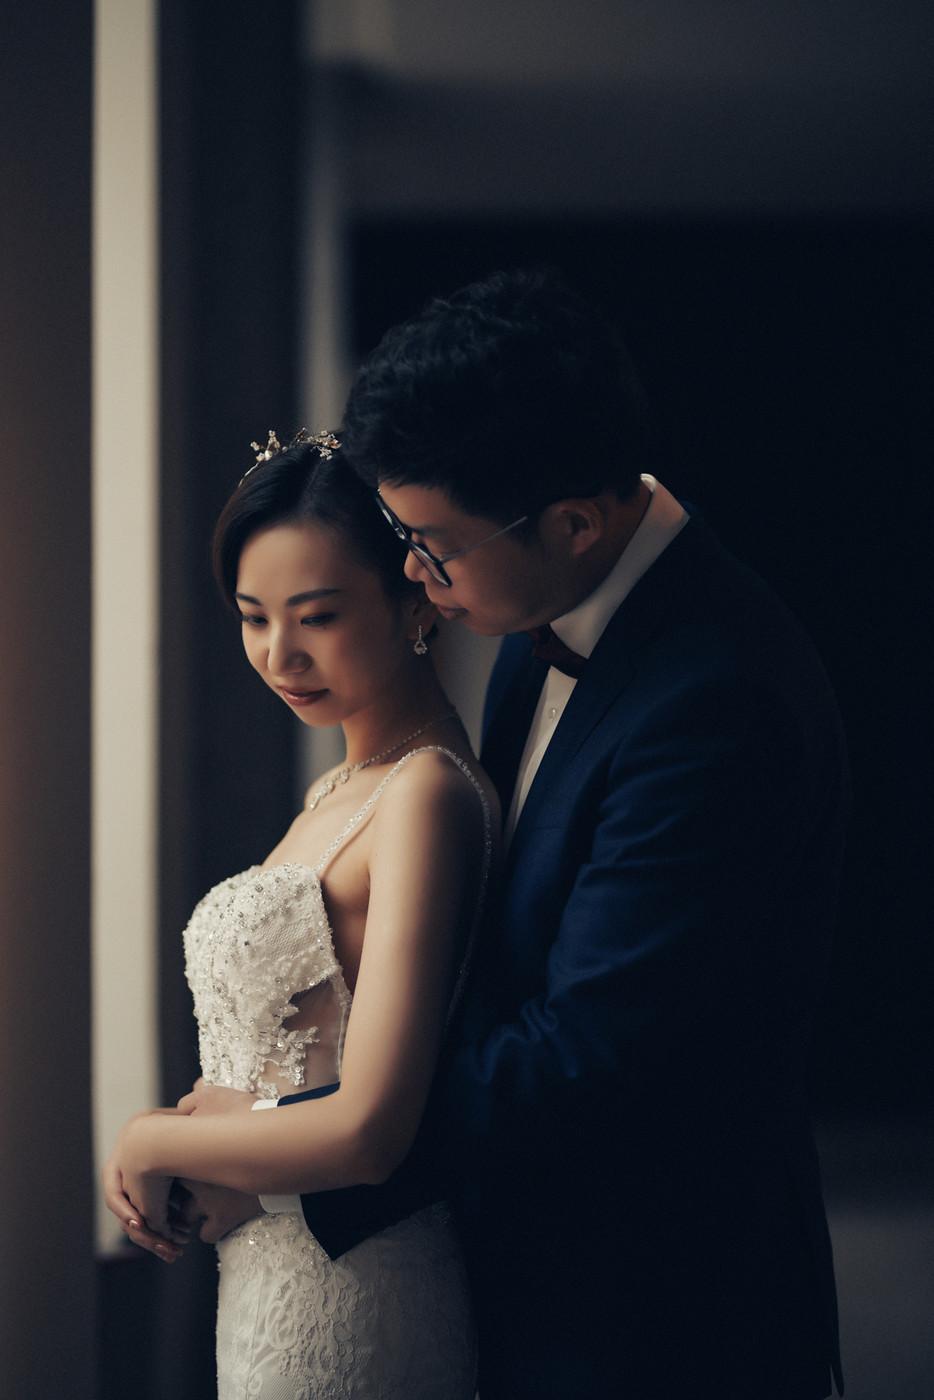 【KAI 婚礼纪实】P&S 南京婚礼41